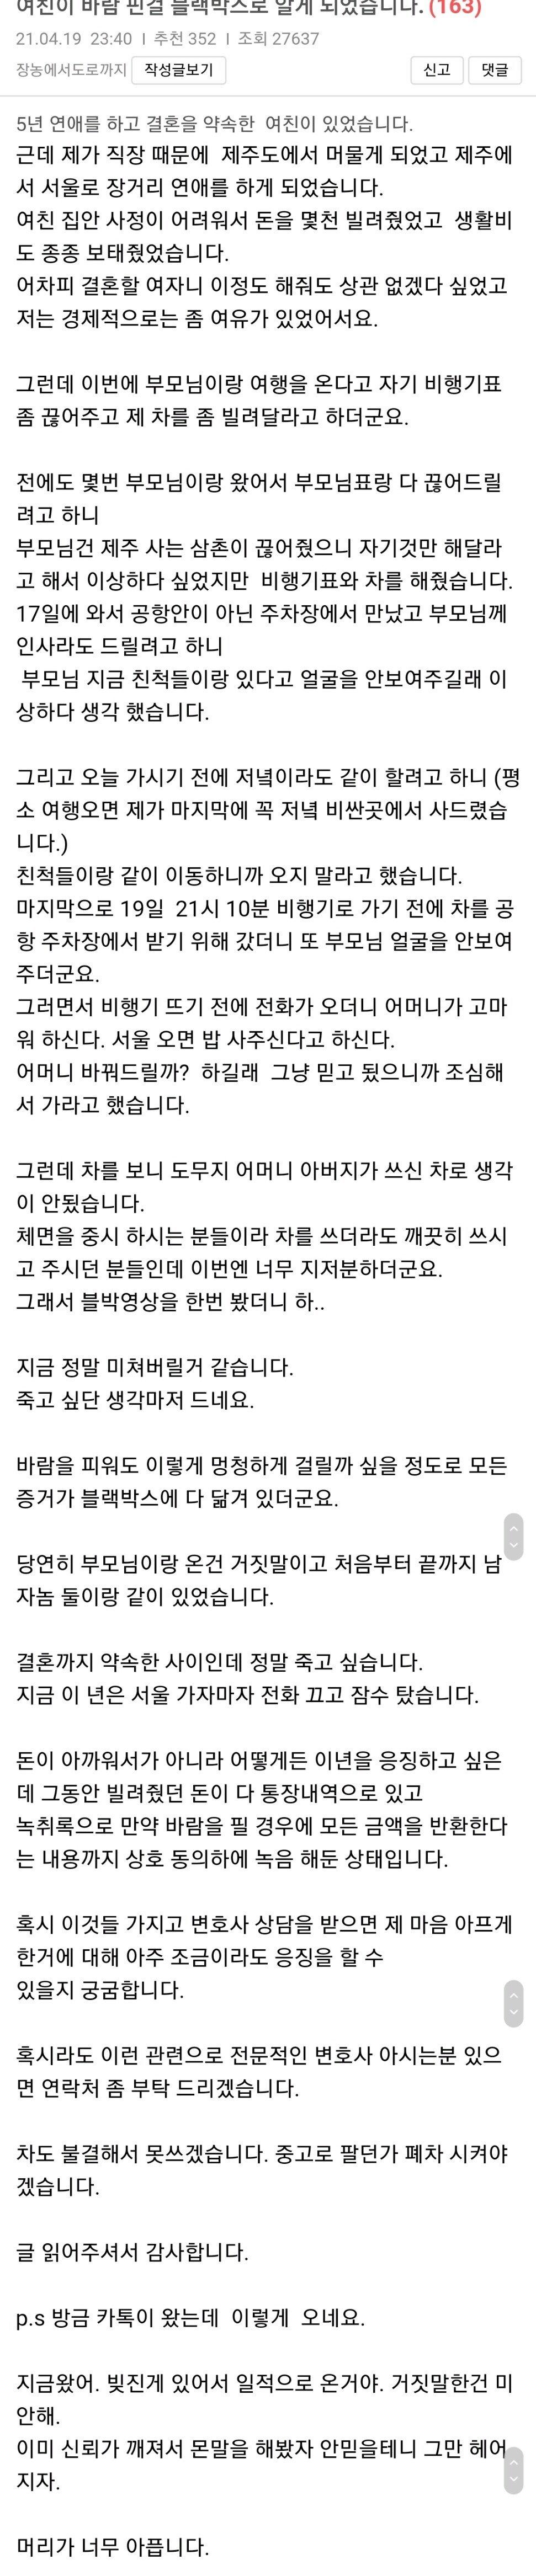 블박덕에 바람난 여친 잡은 보배회원.